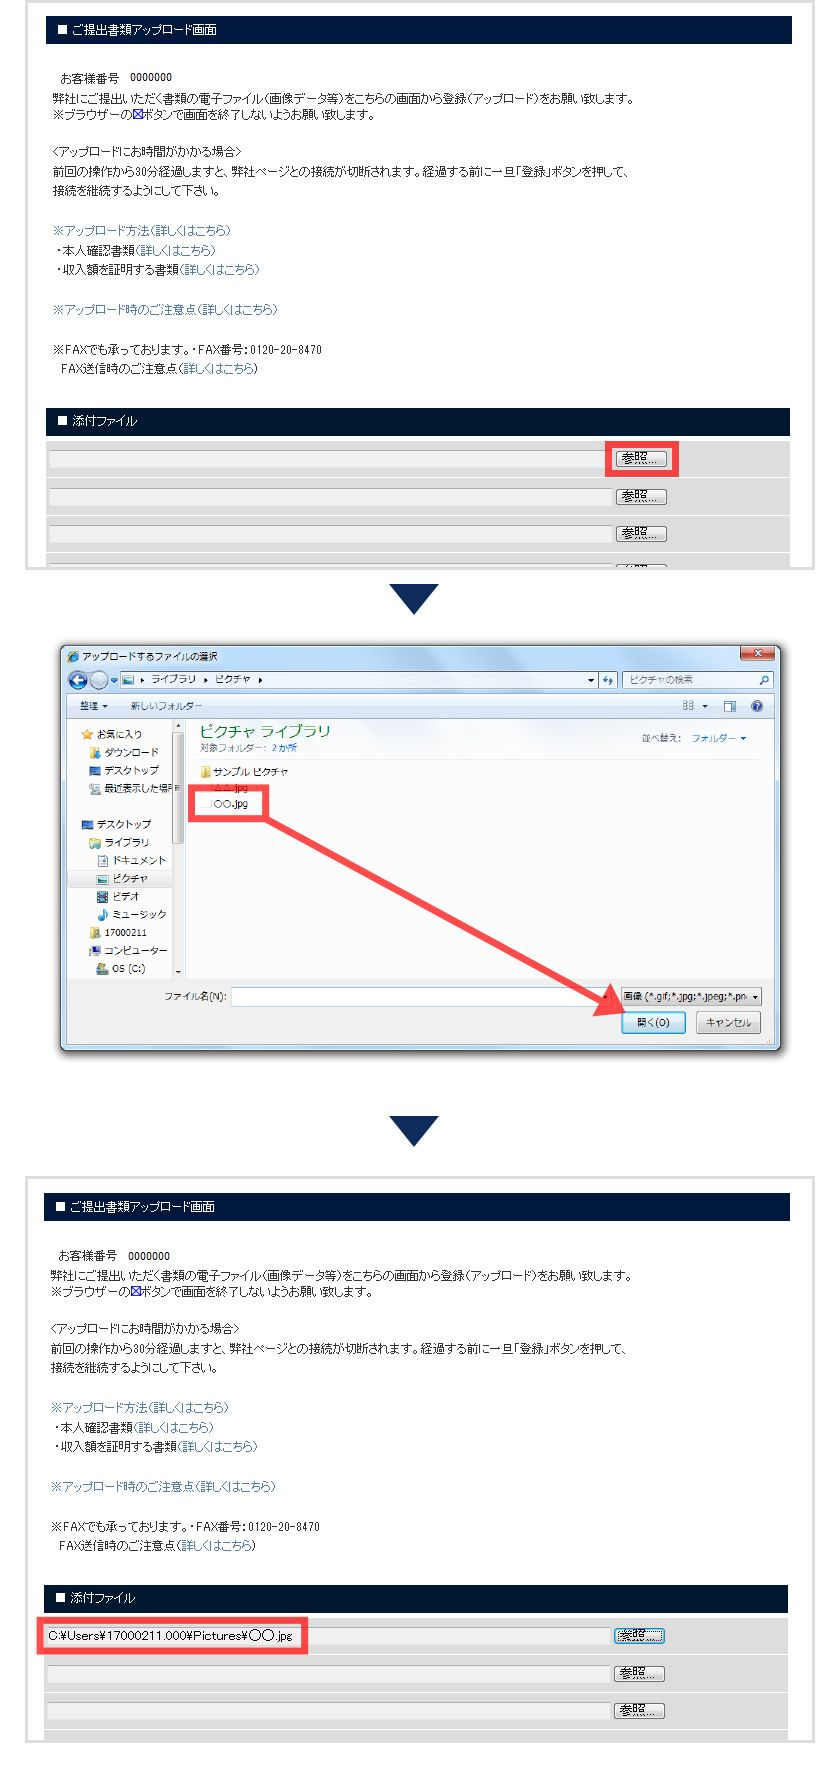 オリックスVIP書類画像アップロードPC1